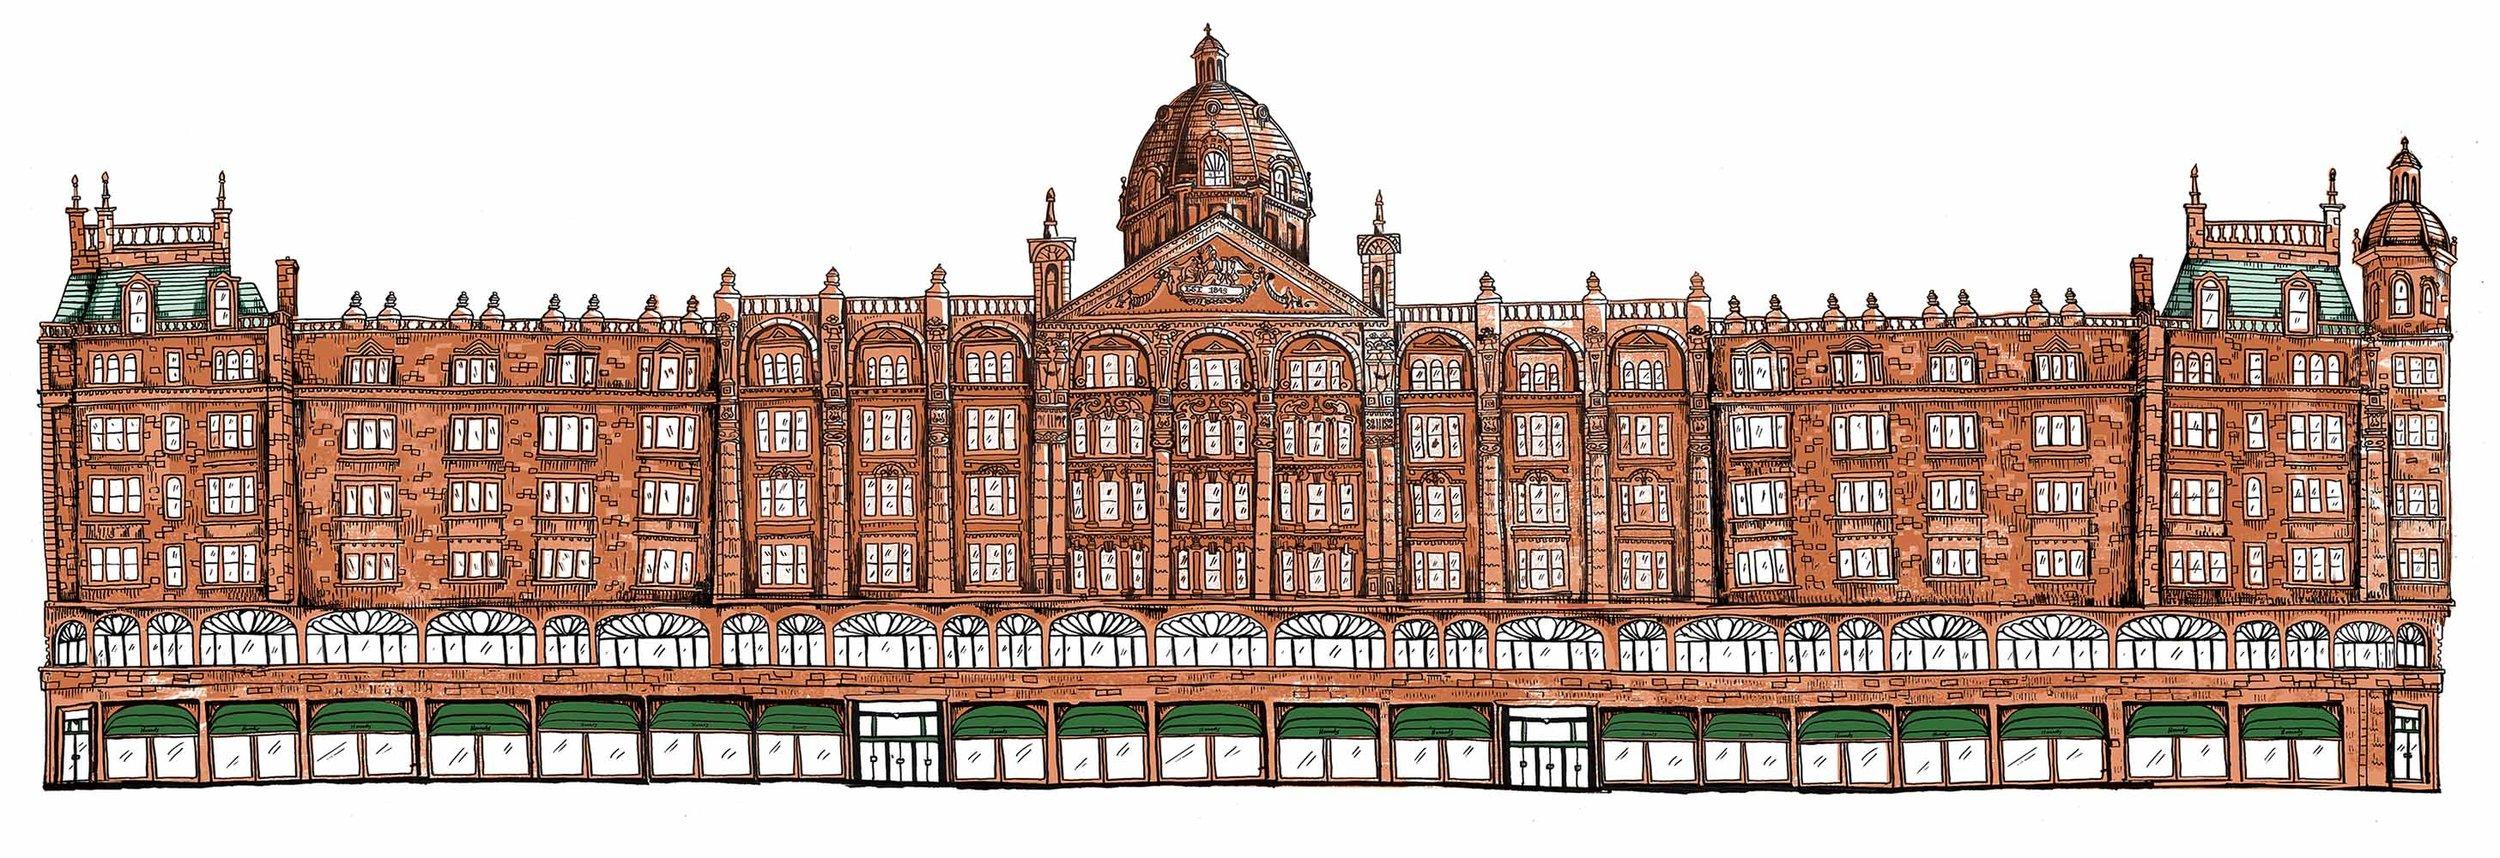 Harrods Building